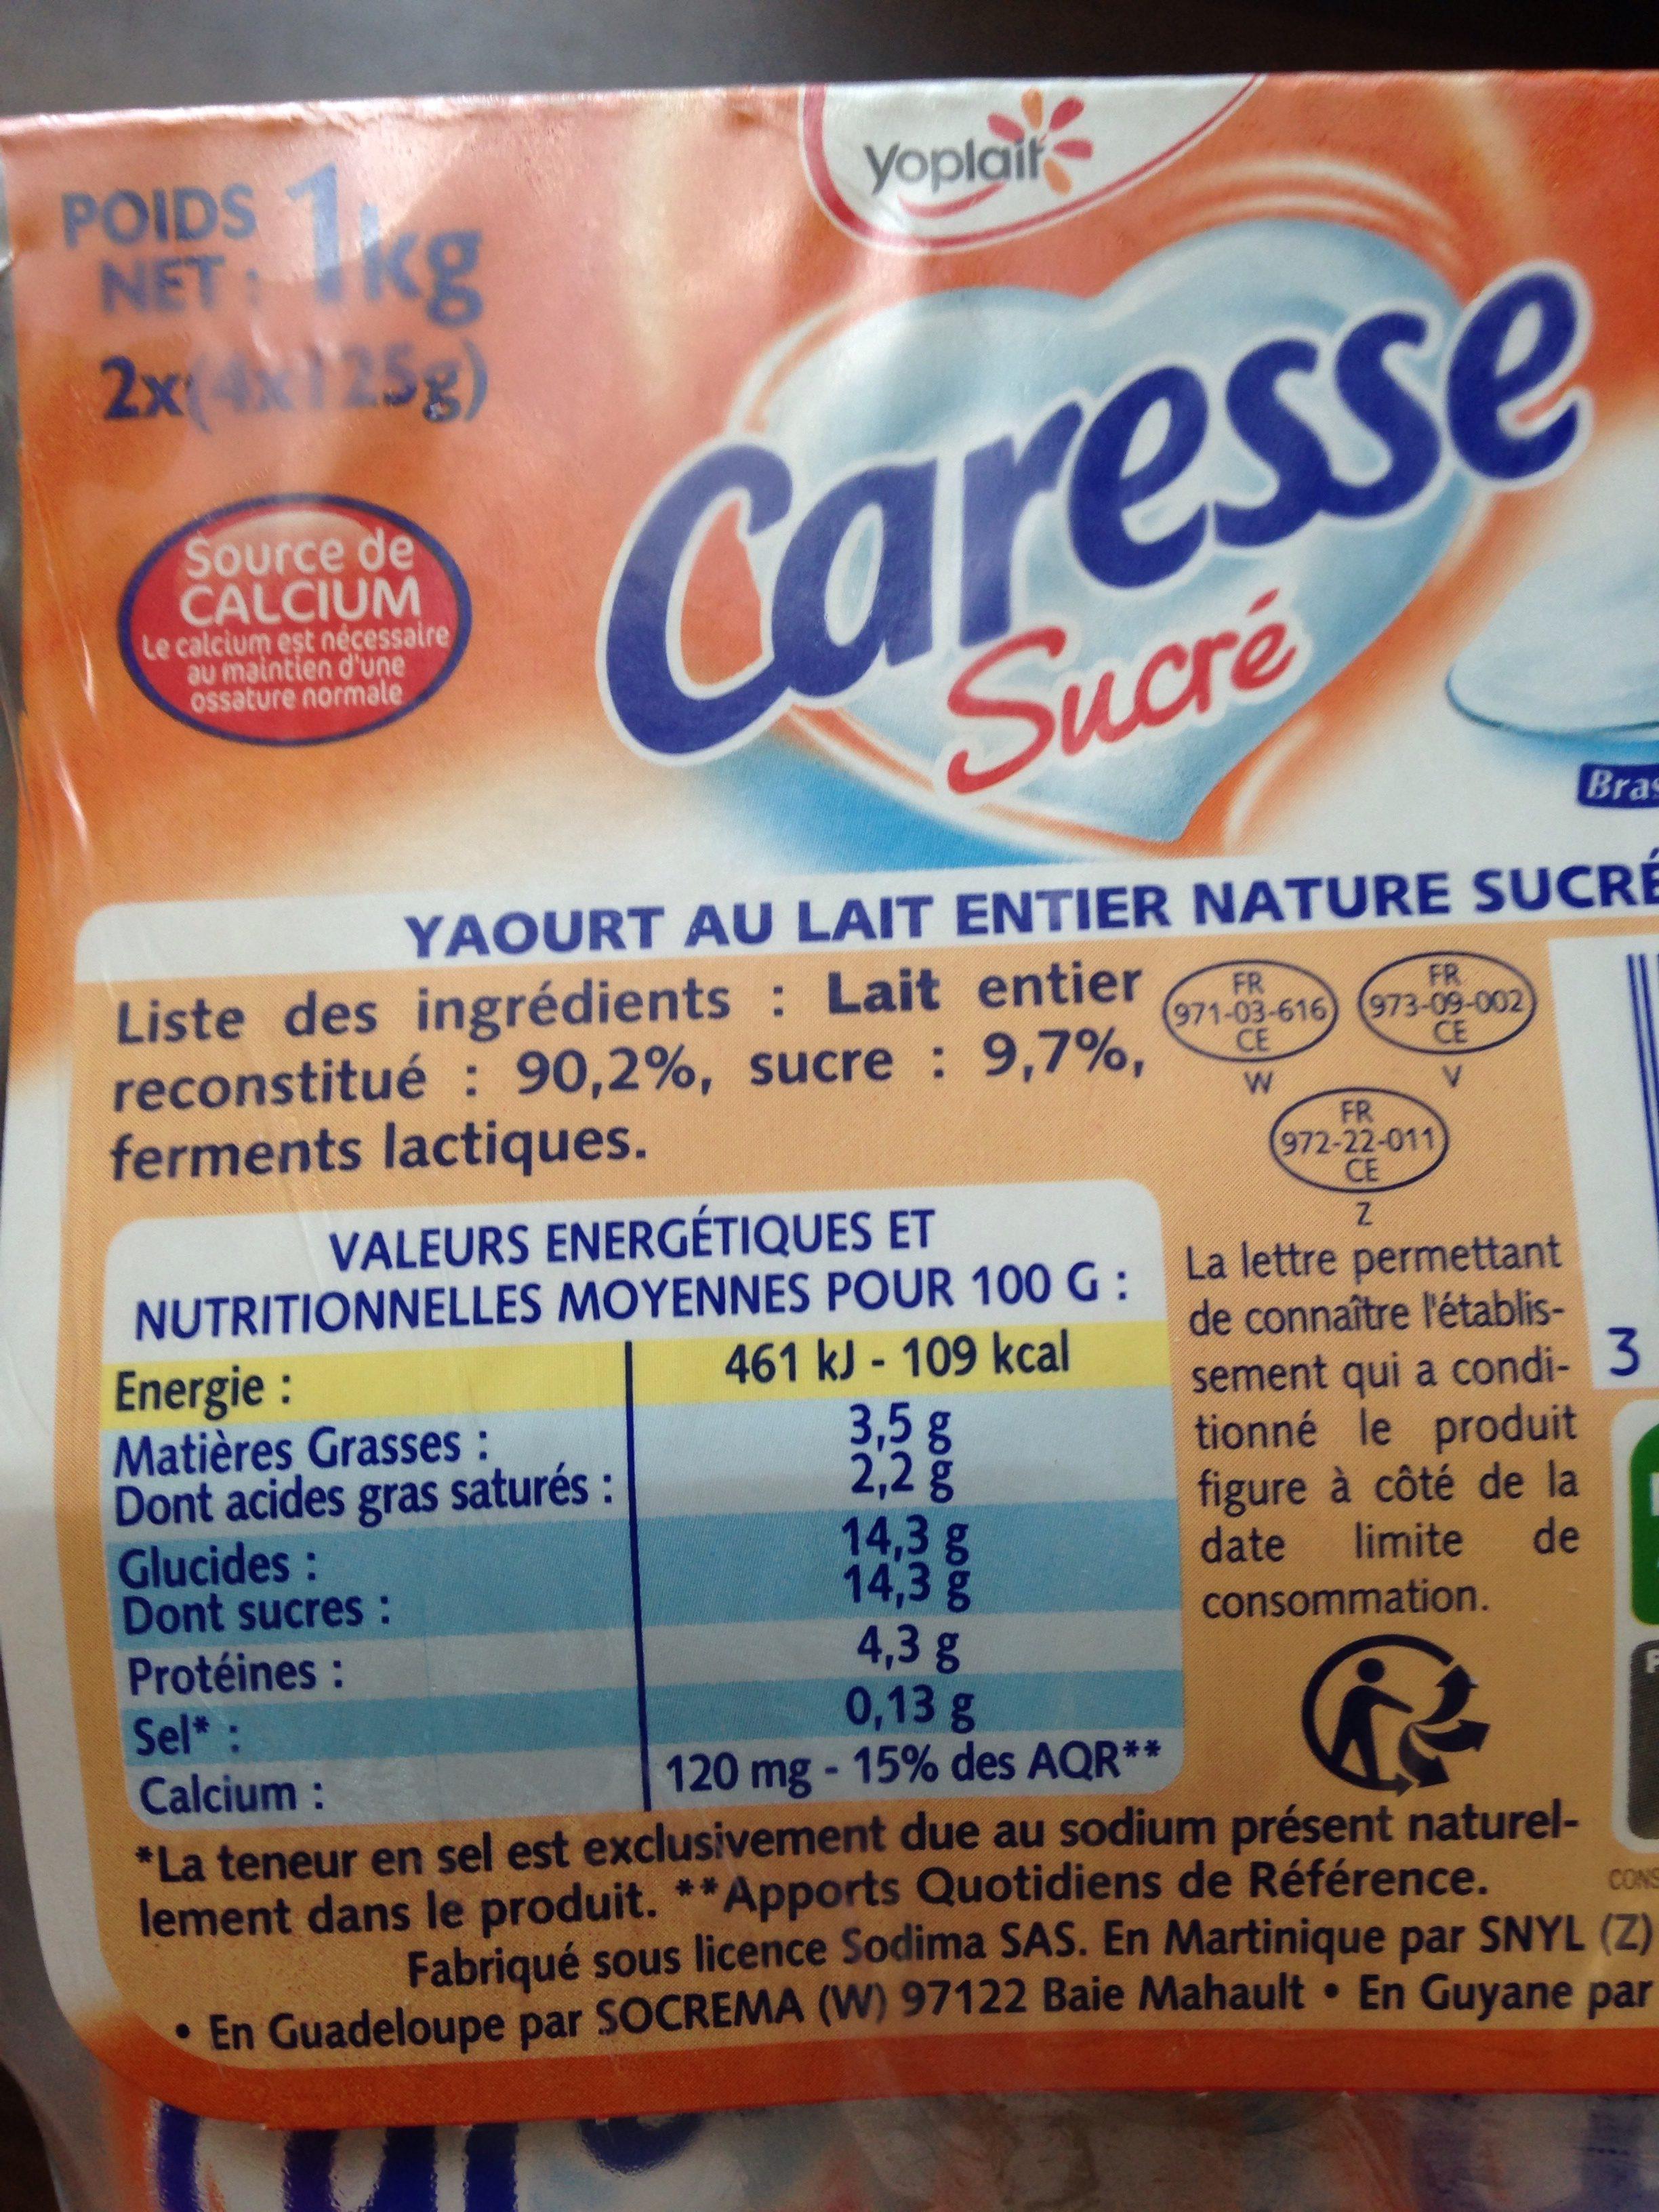 Caresse sucré - Ingredienti - fr